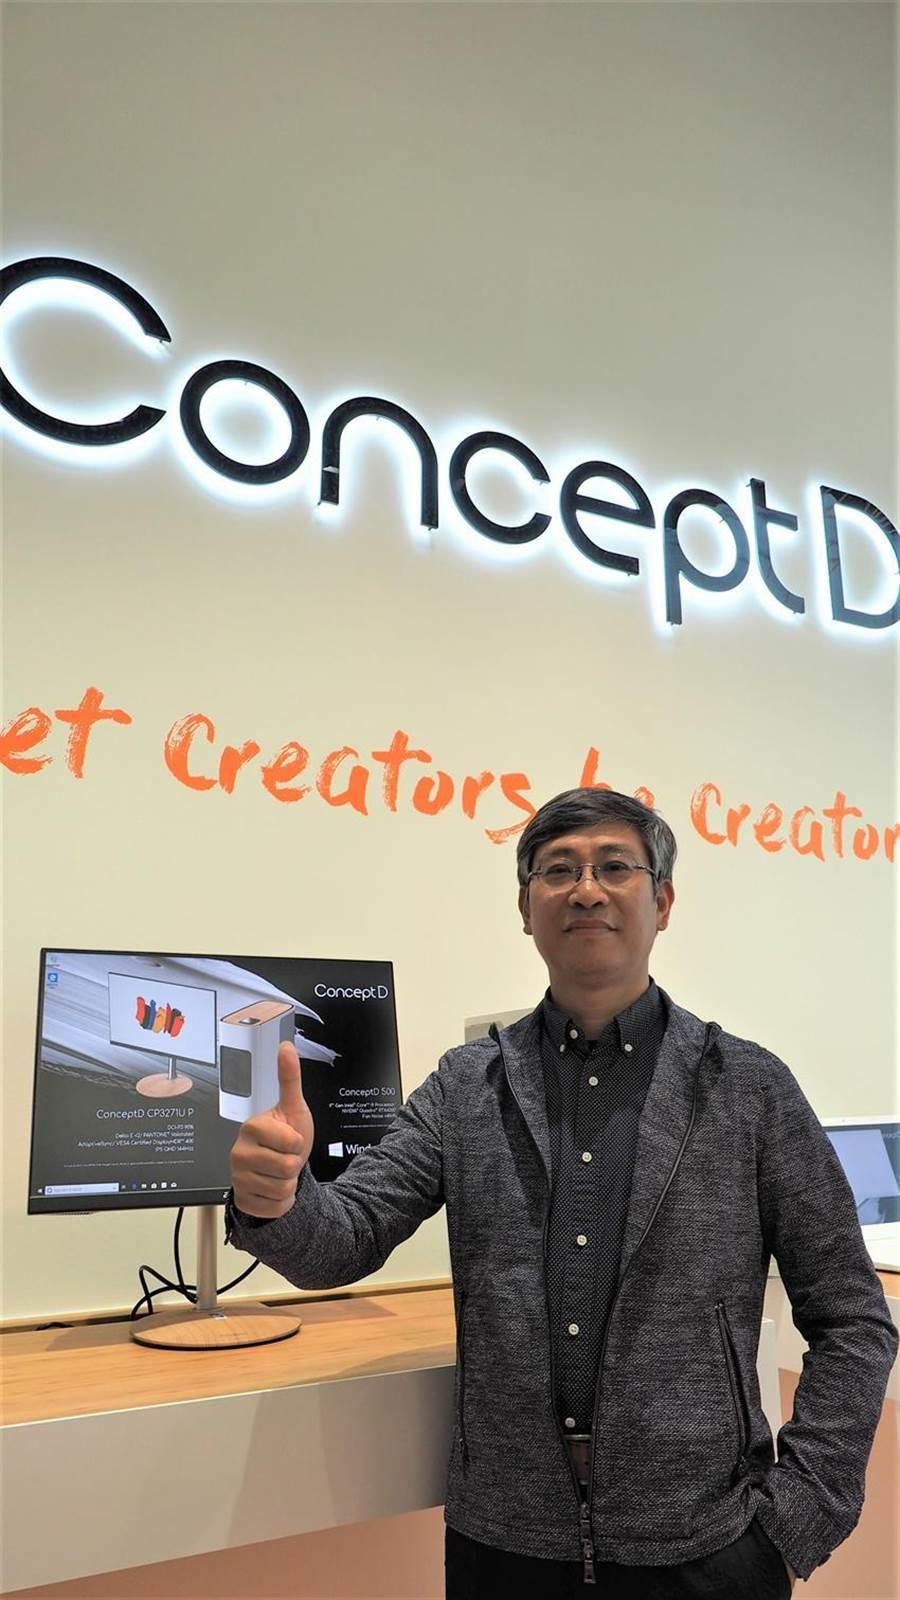 宏碁數位顯示事業群總經理簡慧祥預期,未來2~3年內採用IGZO及OLED的顯示器,都將成為下一個世代的重要產品,明年宏碁也將提升IGZO螢幕產品占比達3~5%以上。圖/翁毓嵐